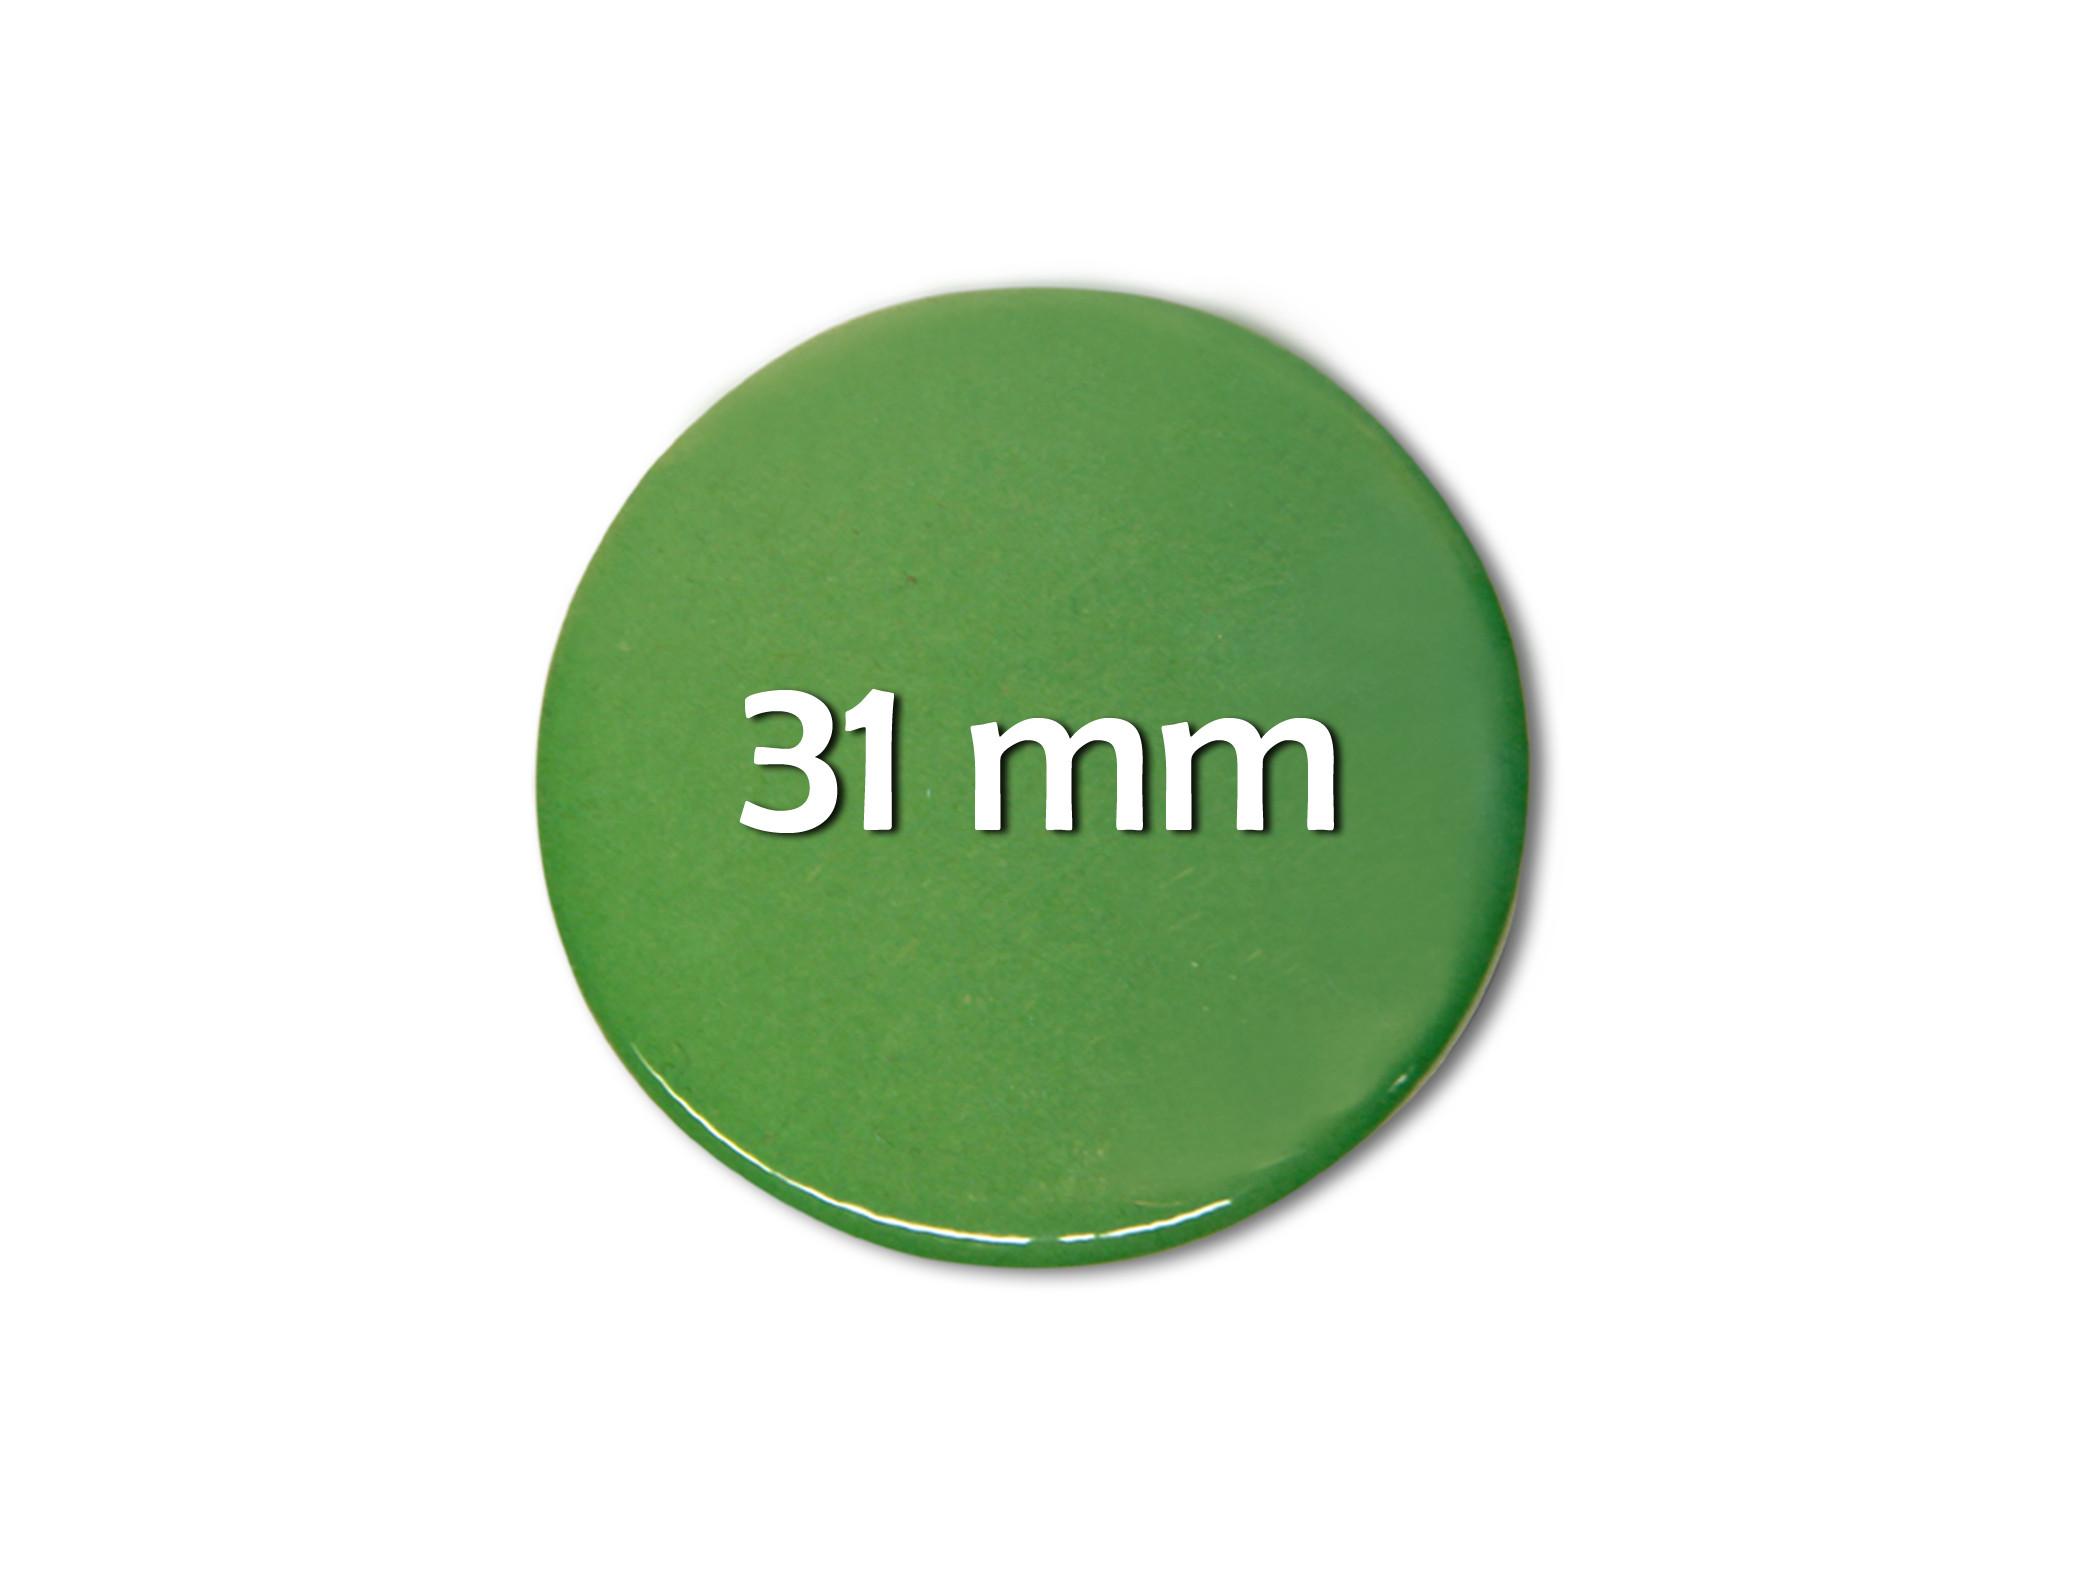 31mm Fertigbutton